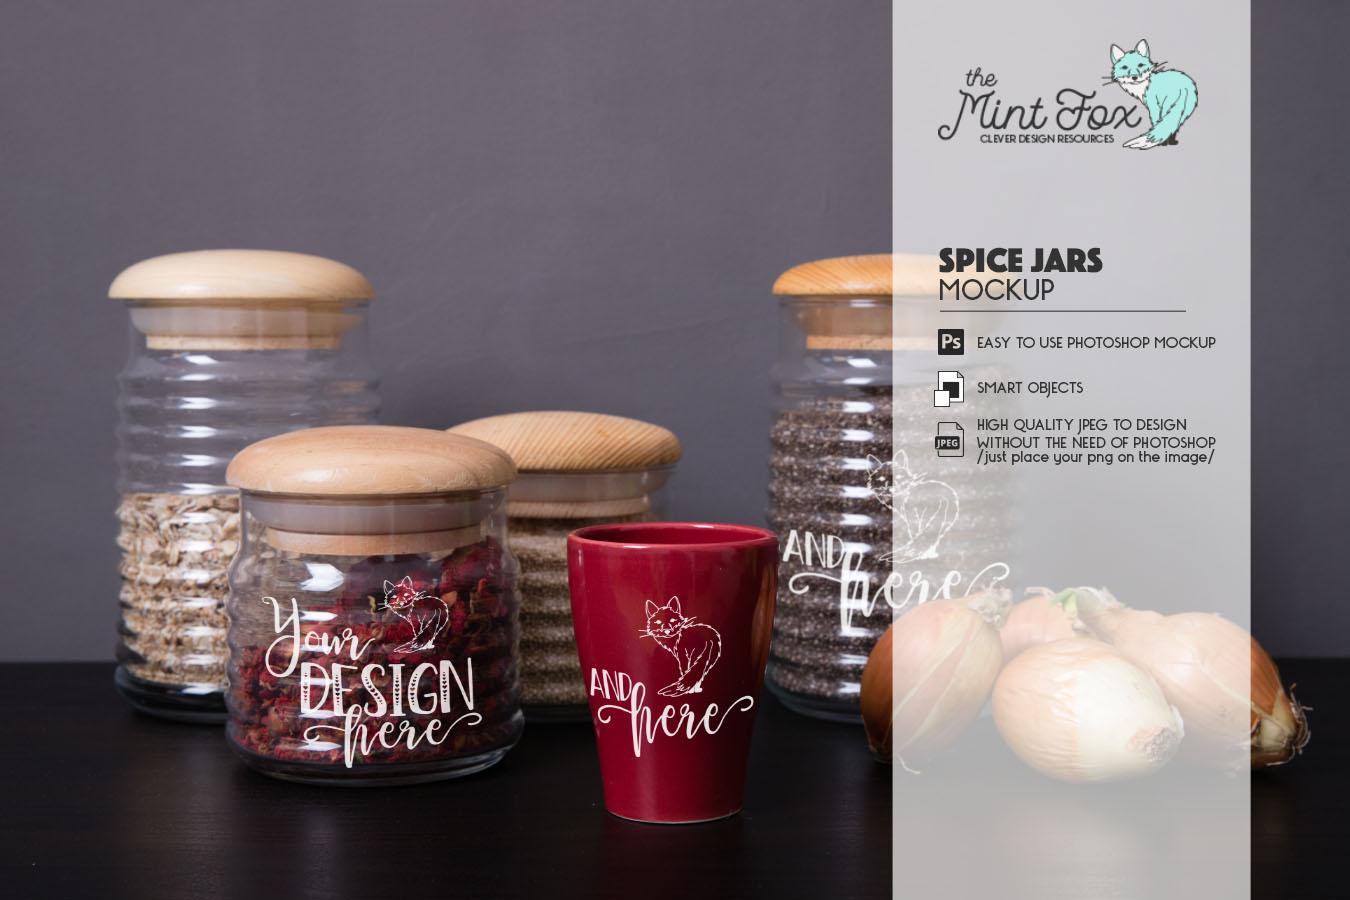 Spice Jars Mockup | PSD & JPG Mocku example image 2